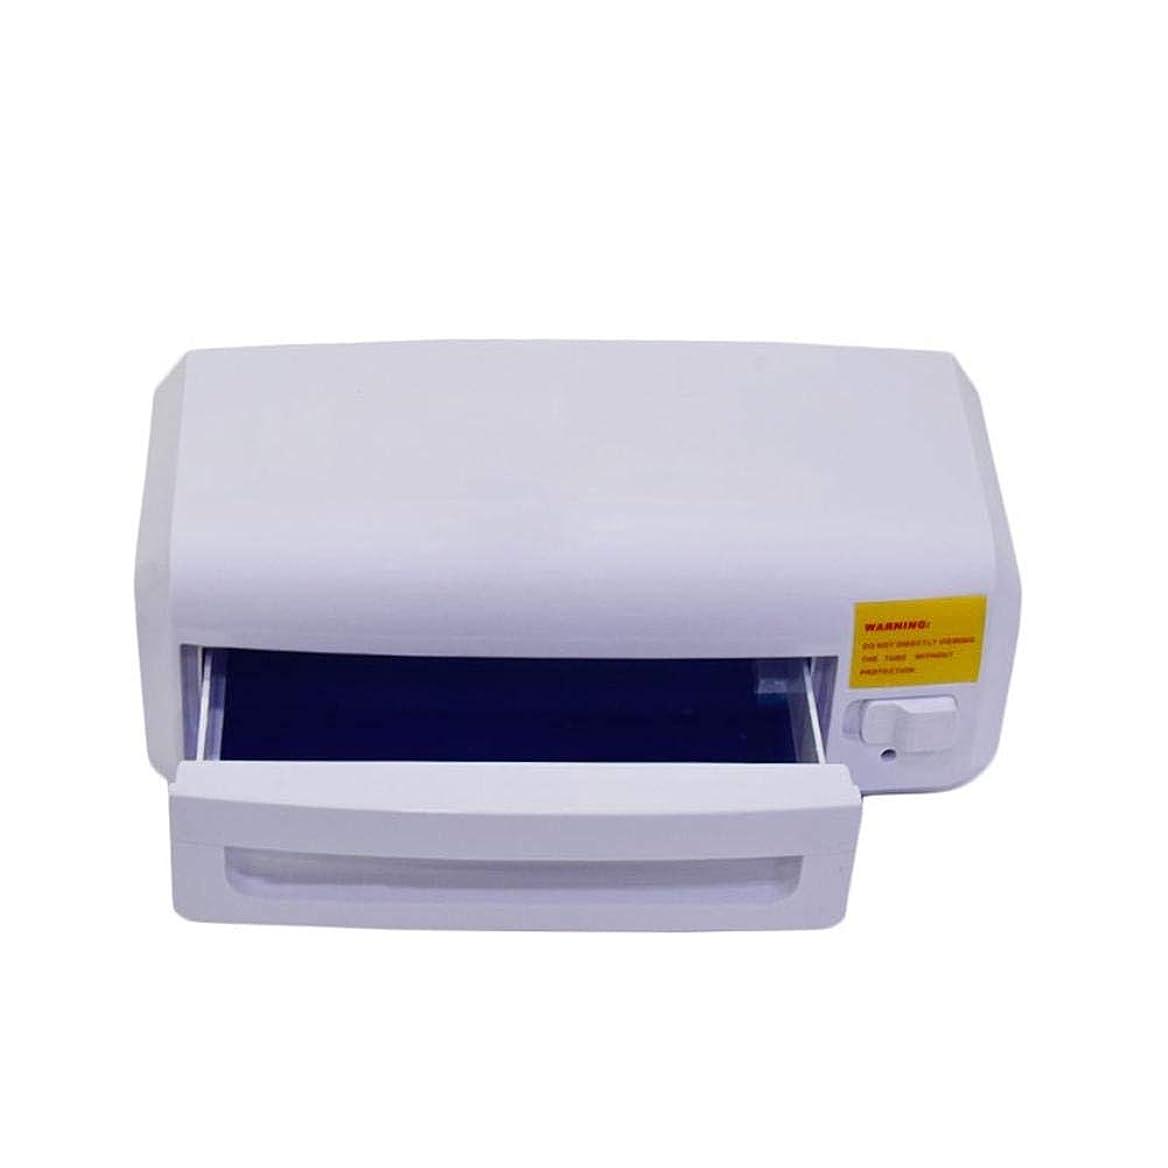 フィットネスビザ行き当たりばったりネイル滅菌装置8ワット消毒機UVタオル消毒キャビネットマニキュア美容ツールUV滅菌サロン消毒機